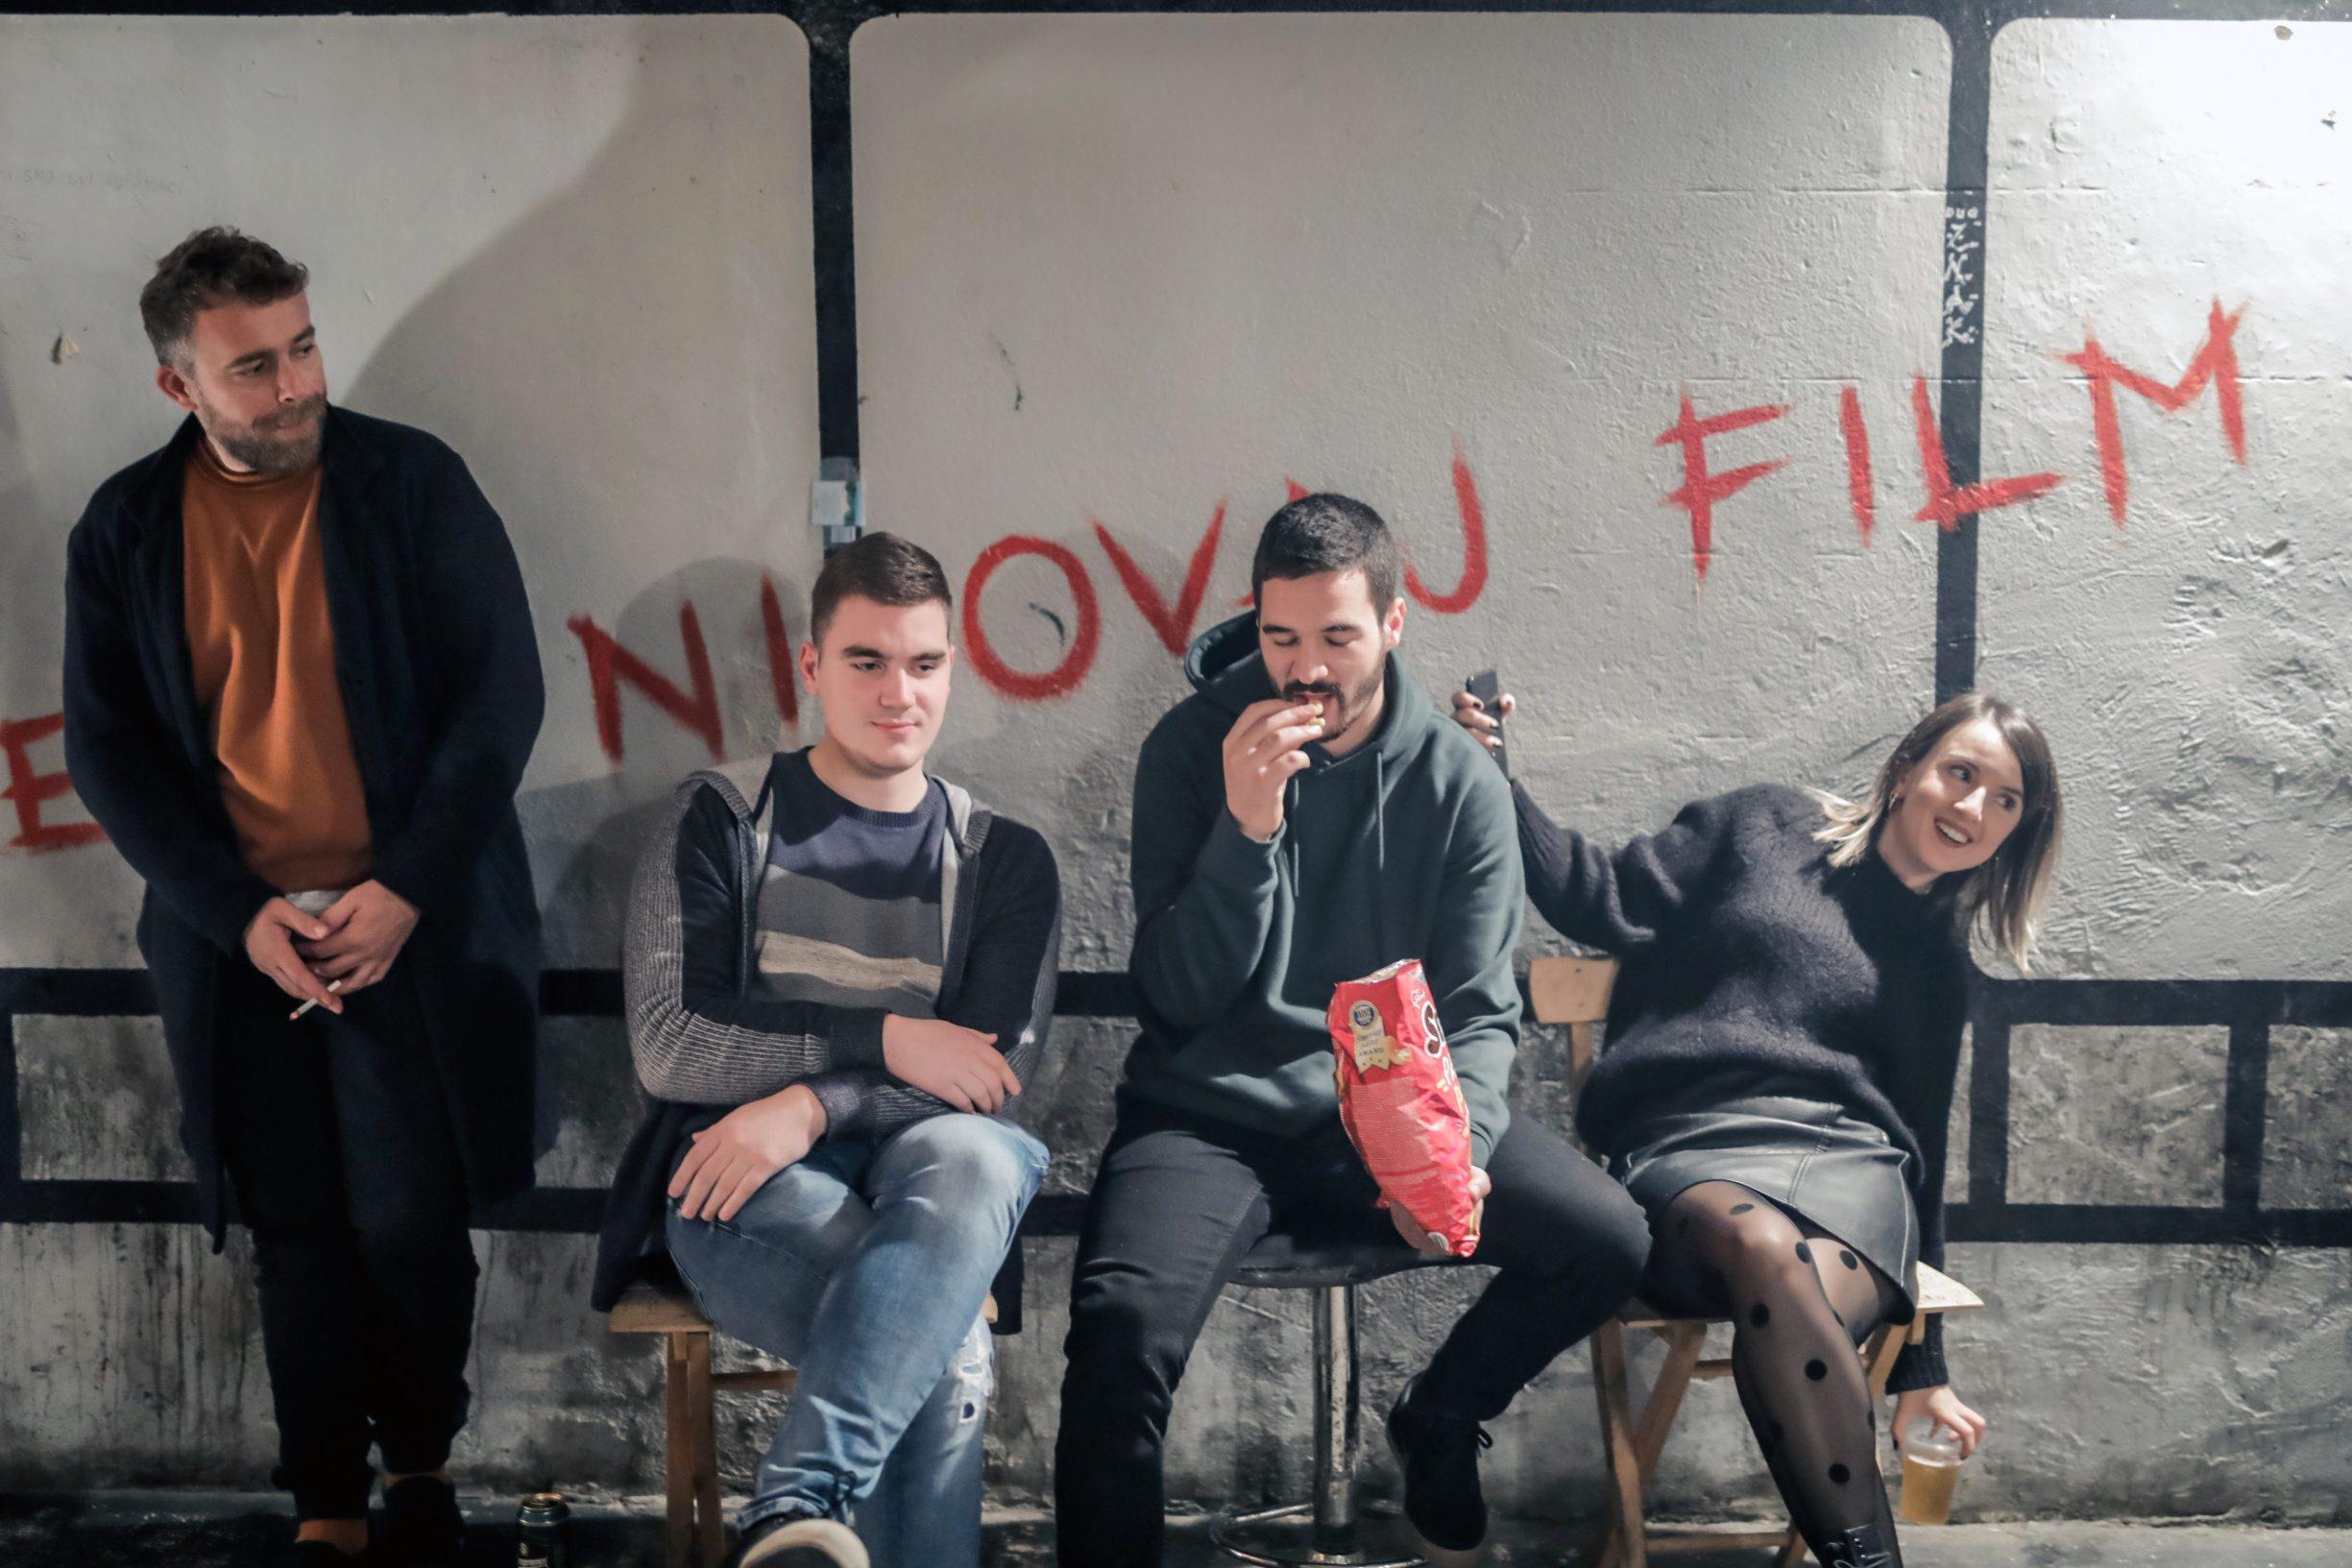 Benkovac, 031219 Reportaza o Benkovcu. Na fotografiji clanovi udruge Vlajter-ego u svom clubu Partyja.  Foto: Danijel Soldo / CROPIX